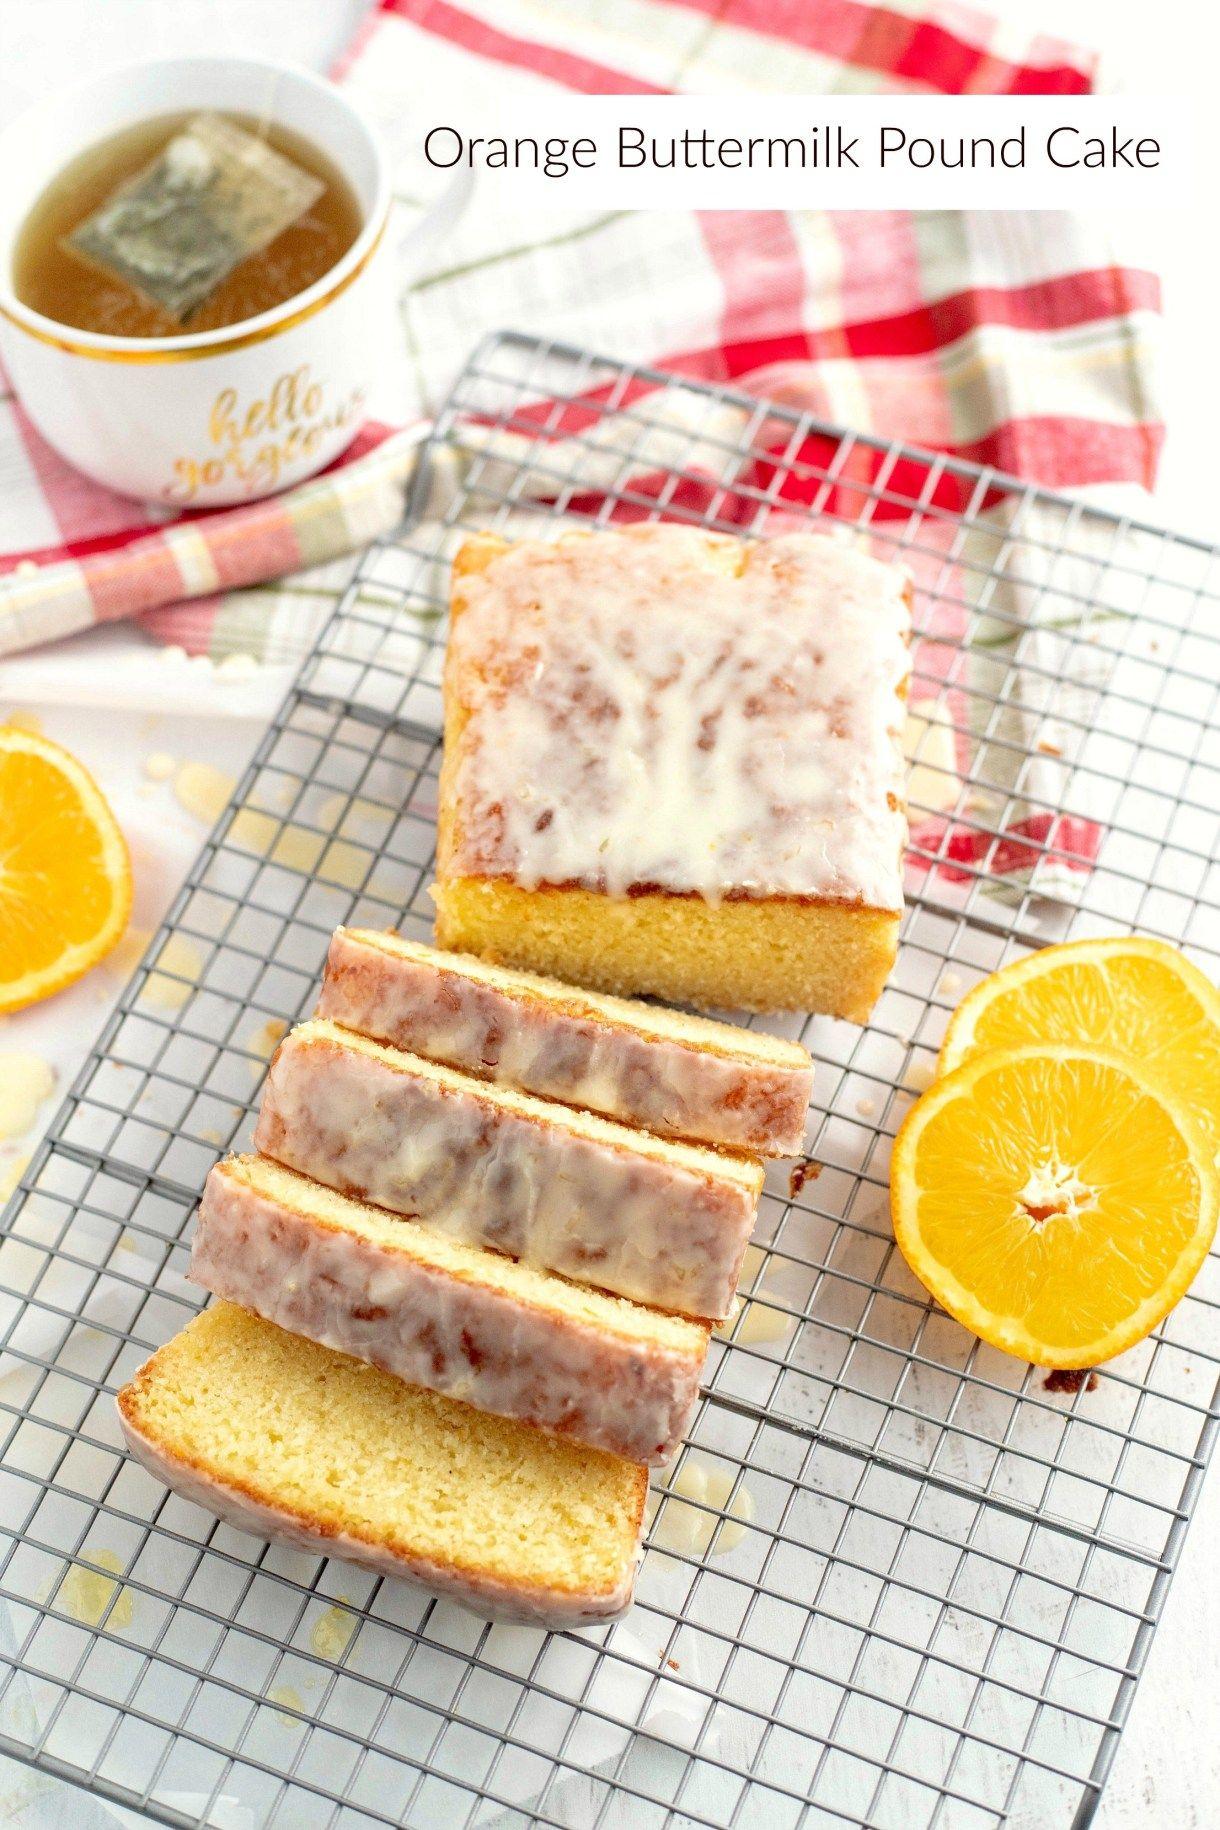 Orange Buttermilk Pound Cake Bunny S Warm Oven Buttermilk Pound Cake Orange Buttermilk Pound Cake Orange Buttermilk Cake